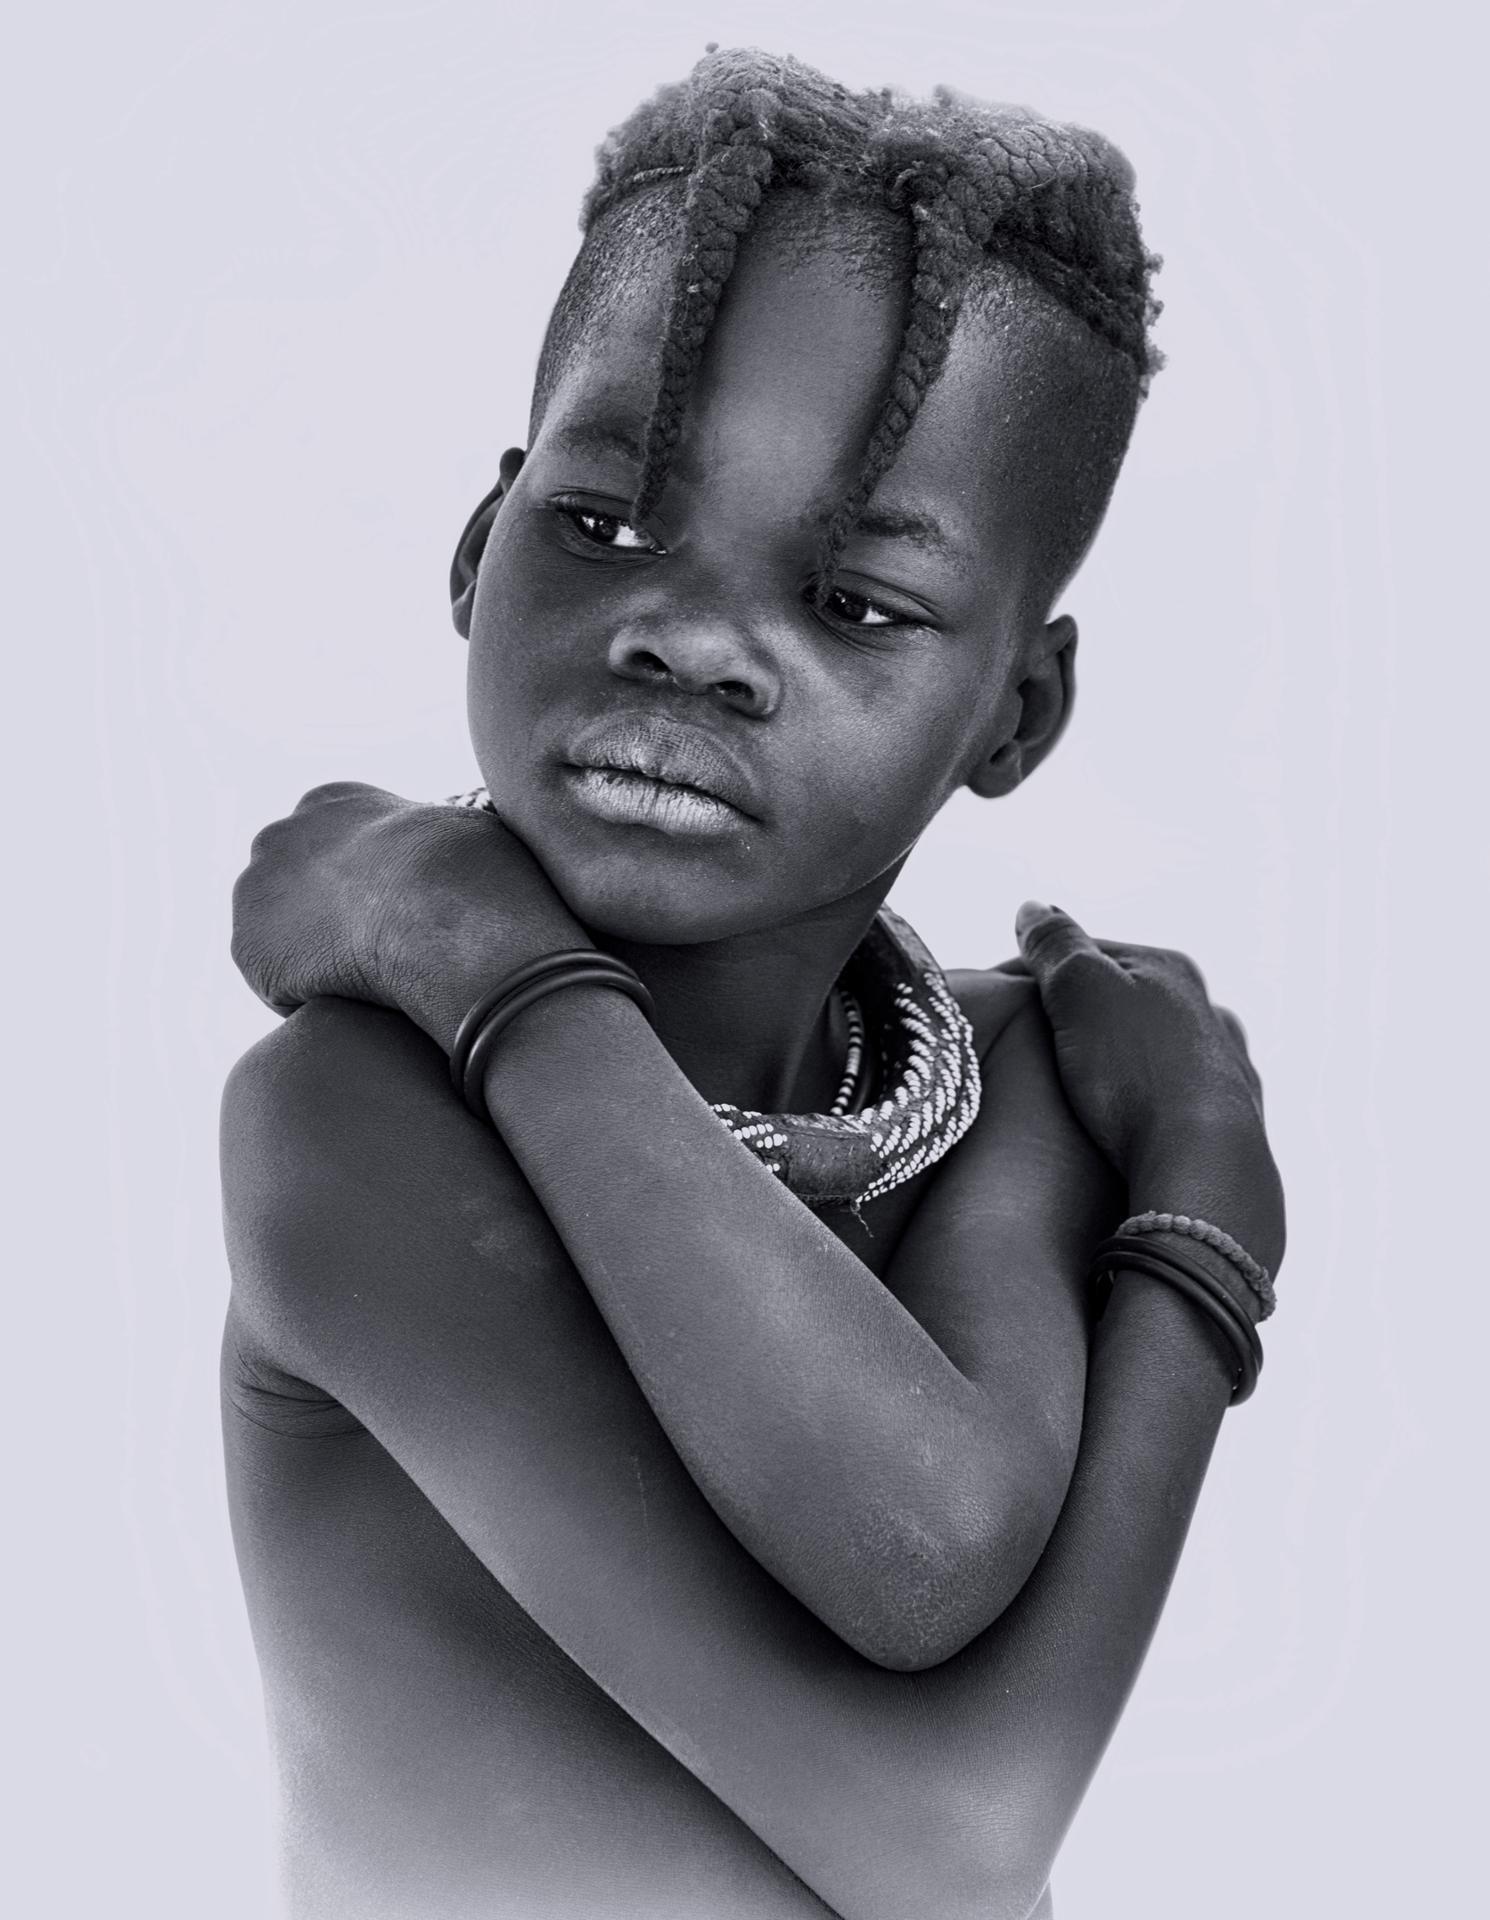 L'esprit ailleurs (photo prise sur le vif) (Namibie)